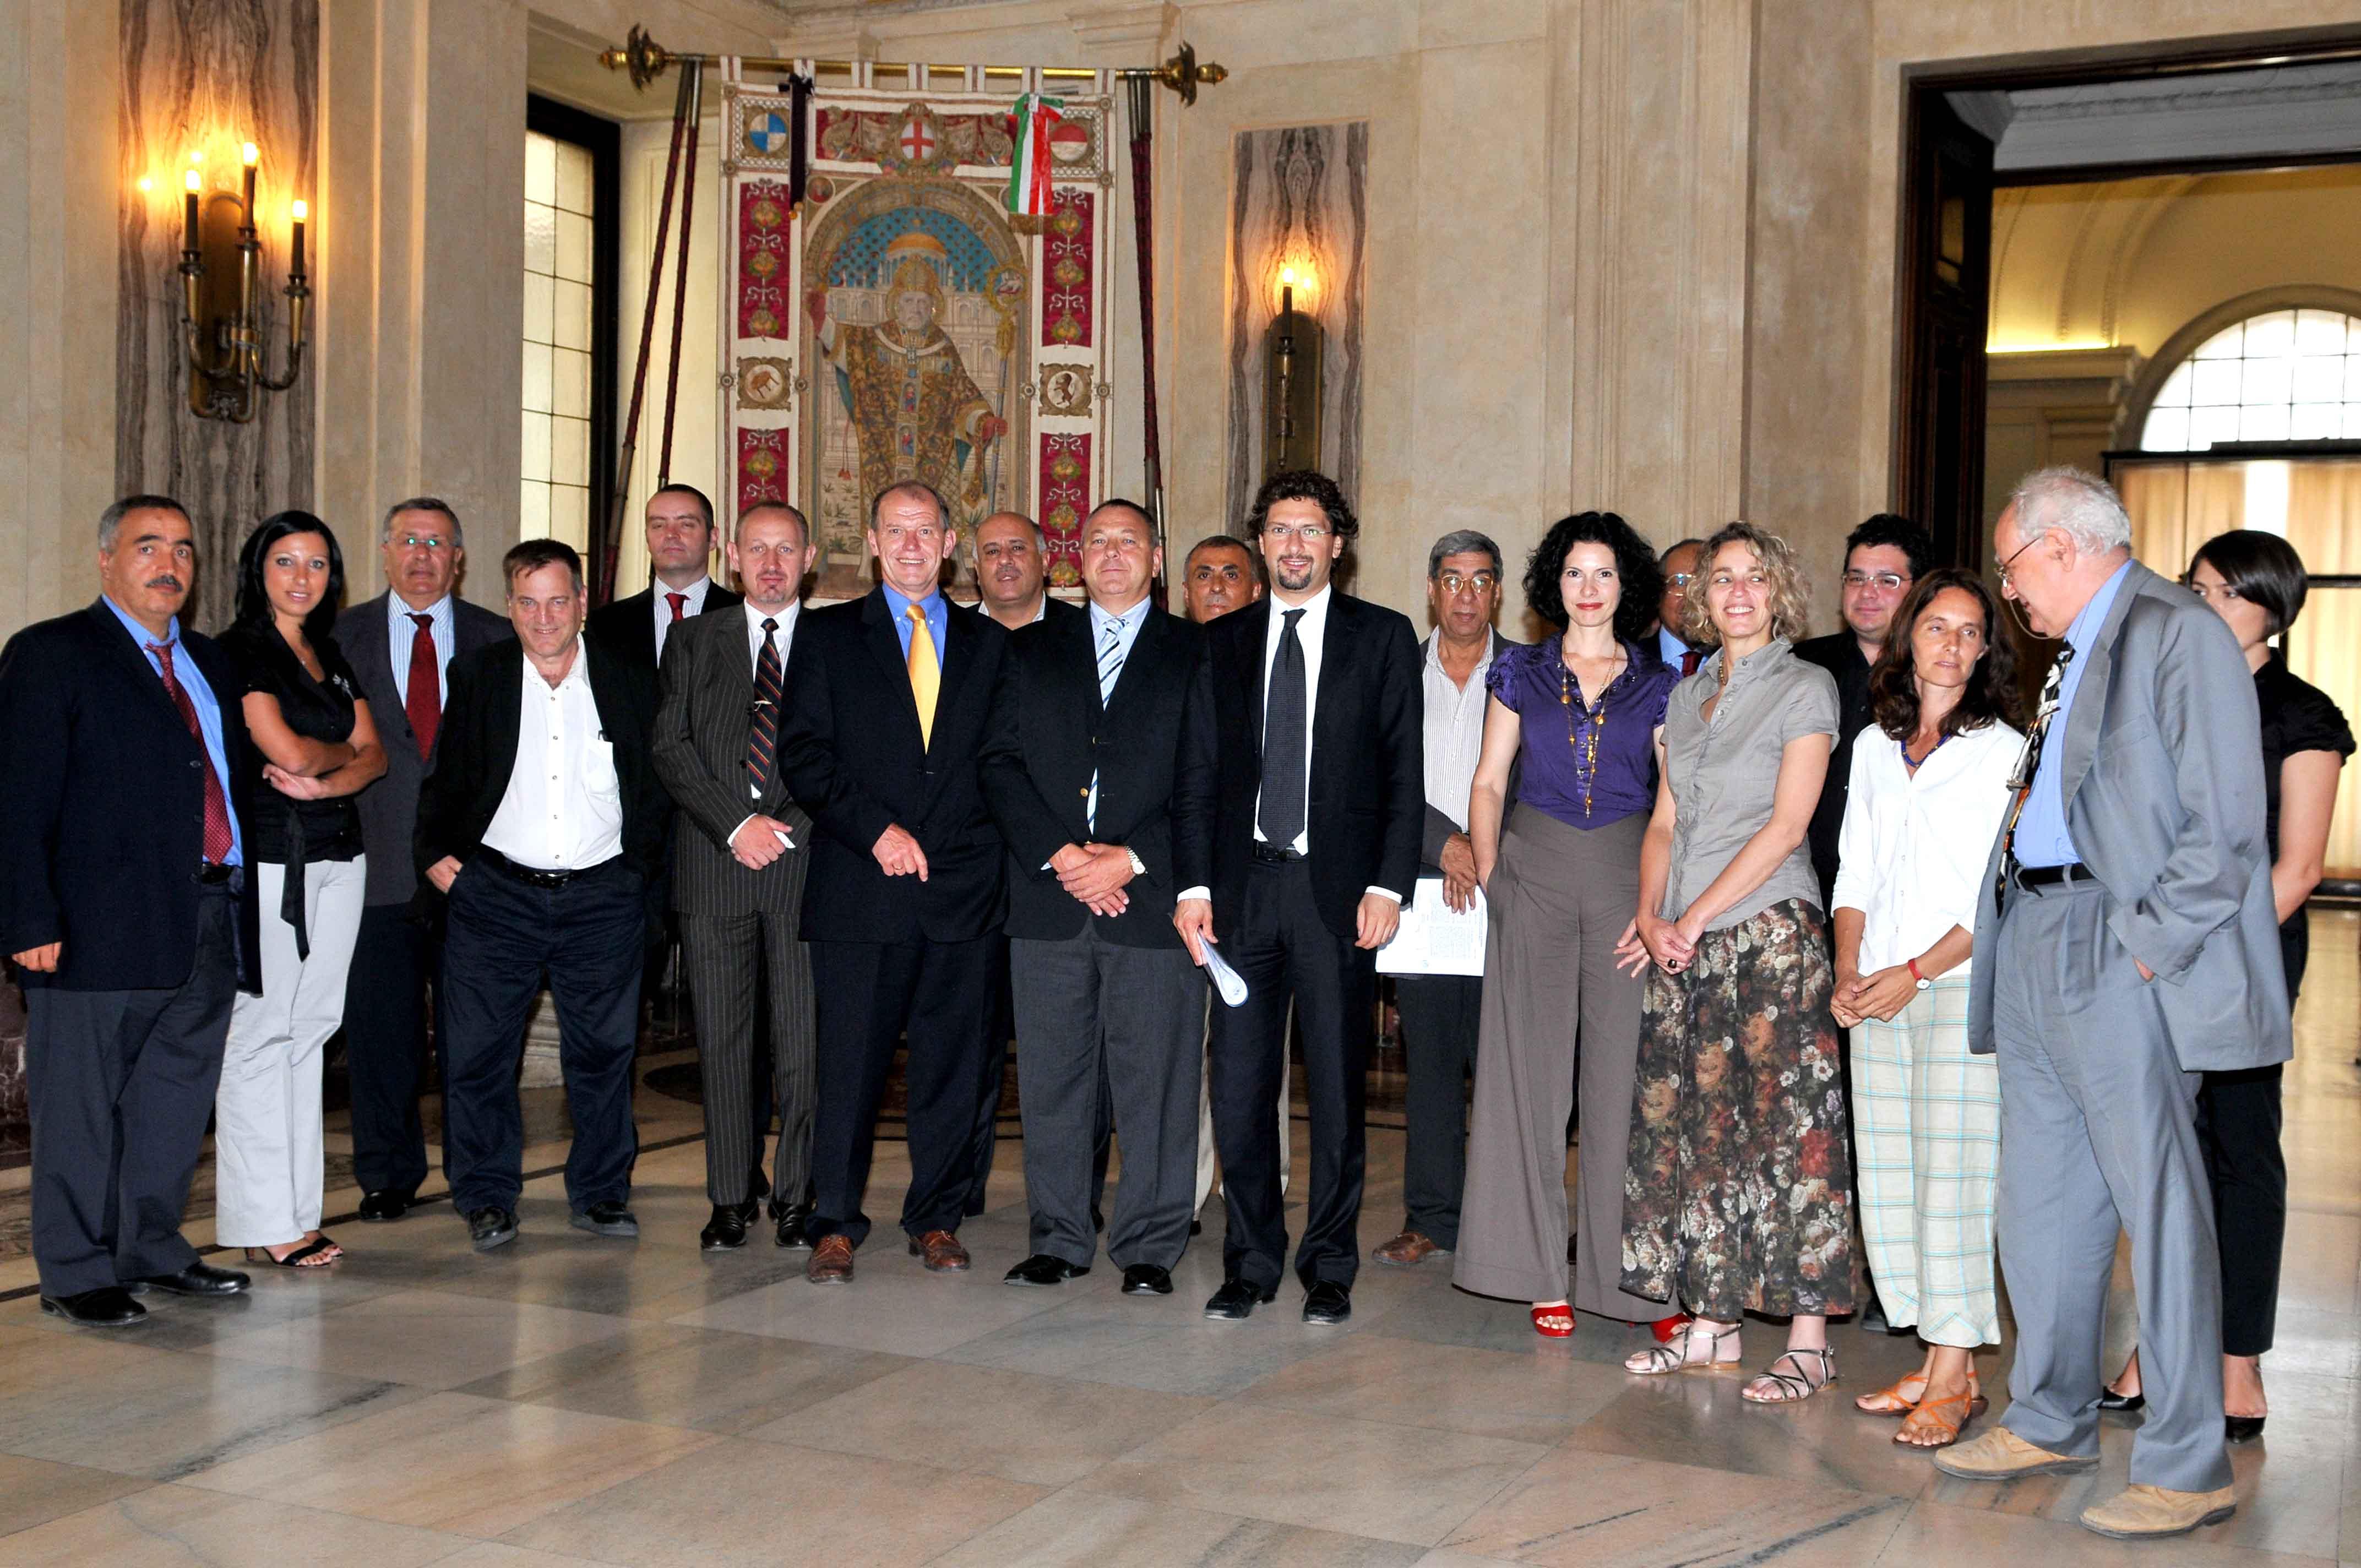 Consiglio Comunale di Milano con le delegazioni, Incontri di diplomazia informale 2008